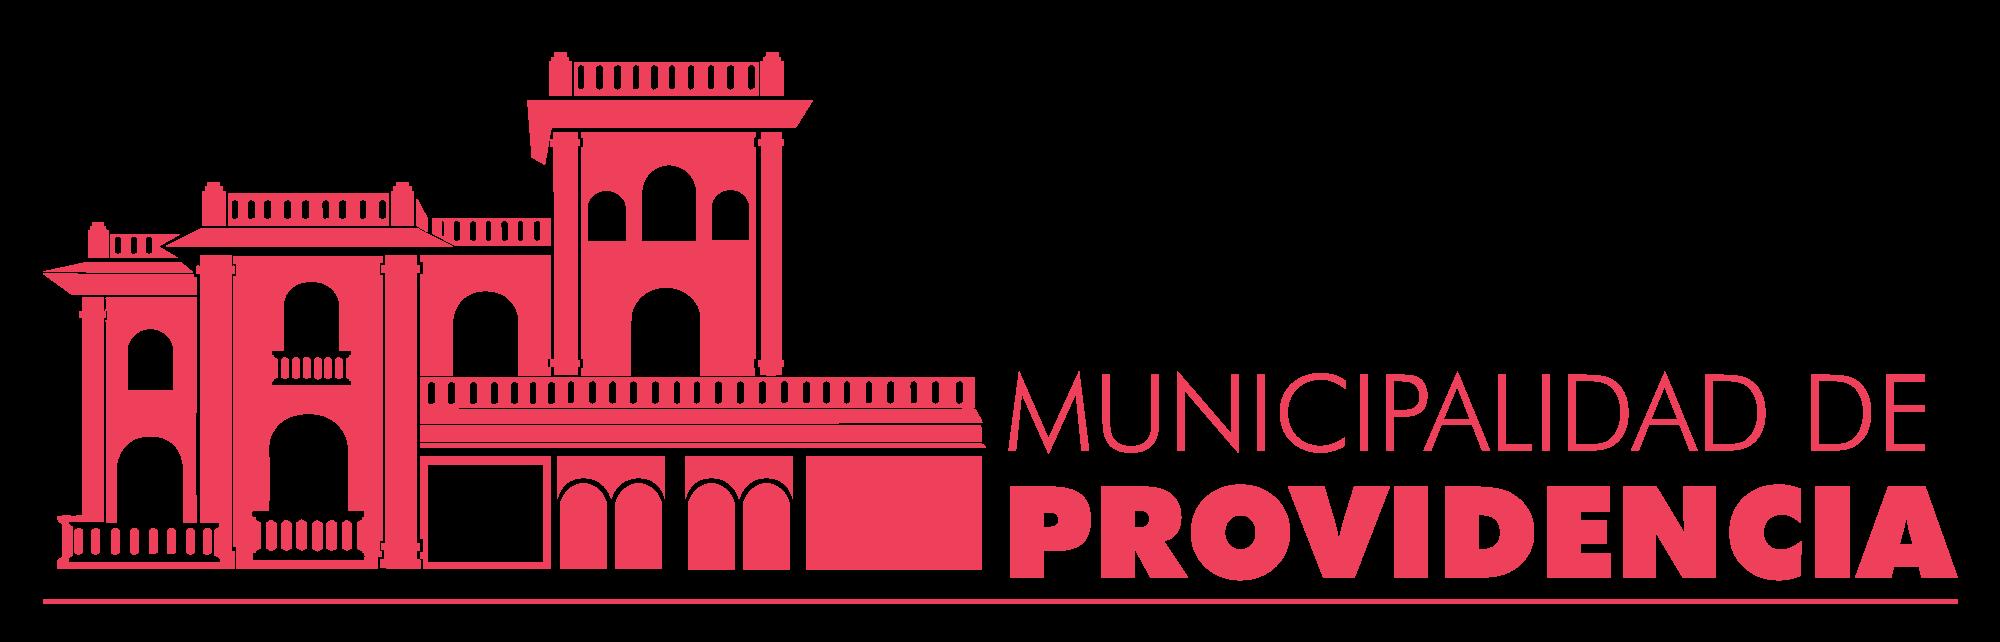 municipalidad_de_providencia